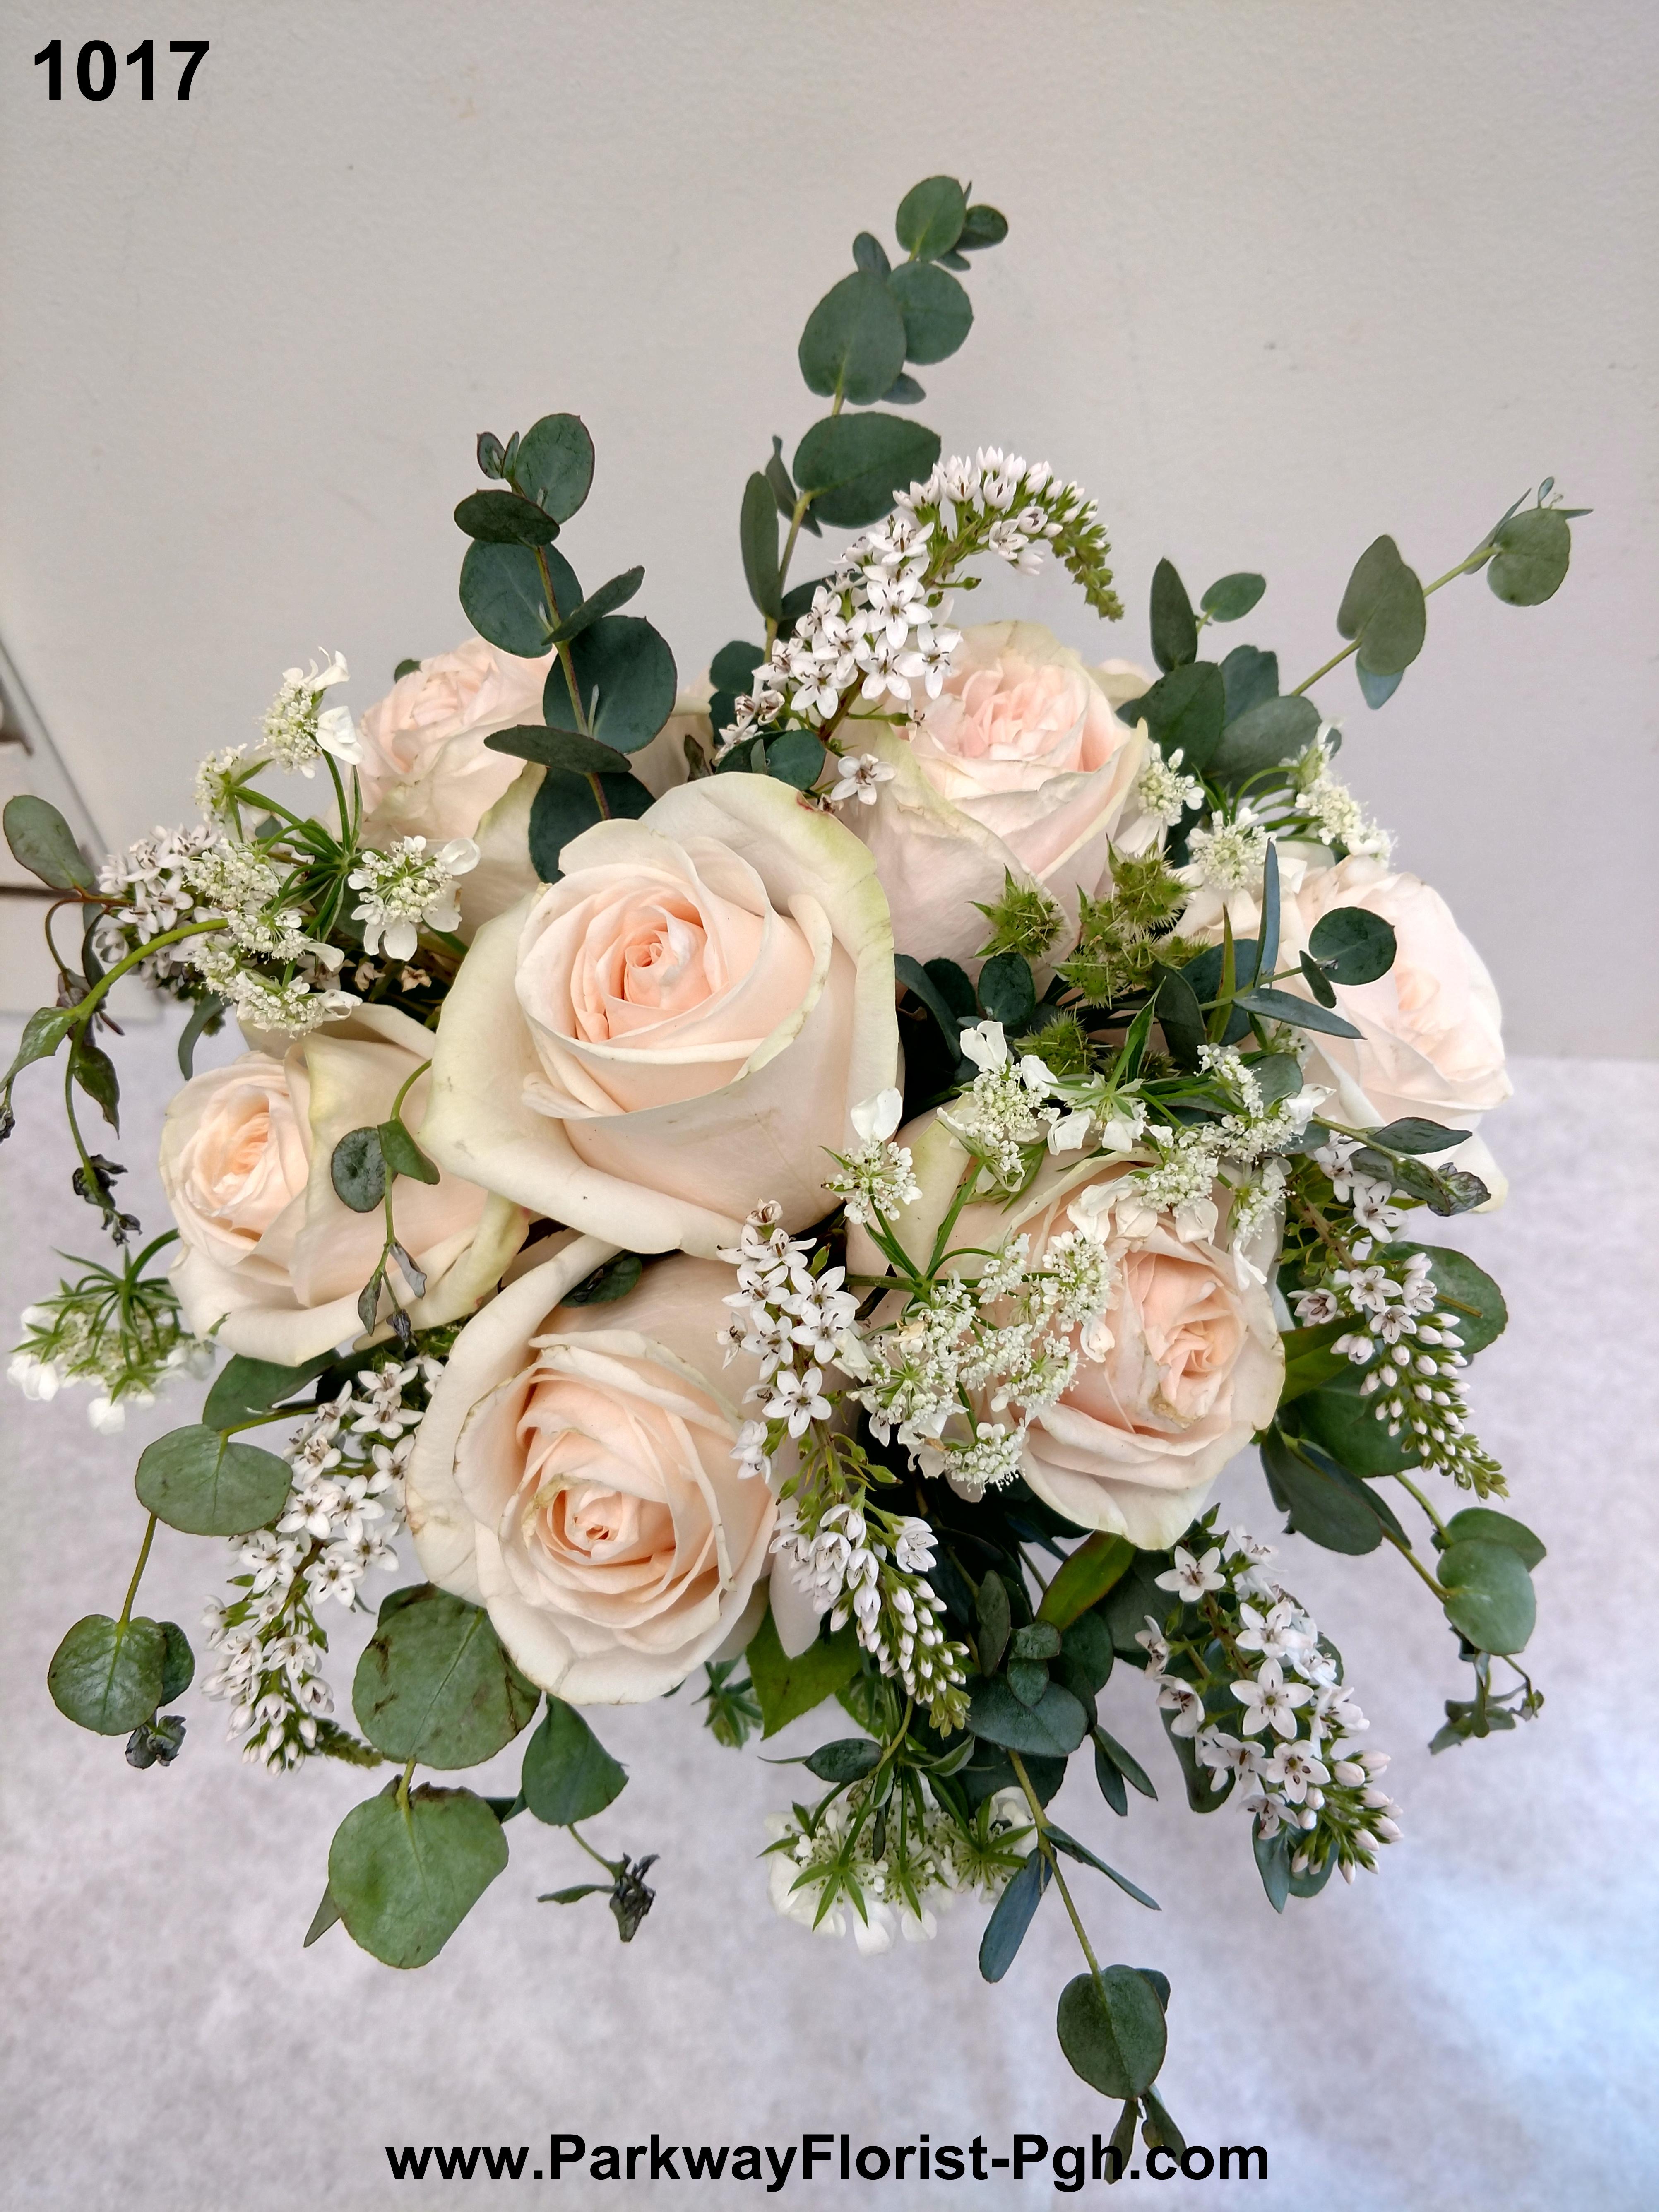 bouquets 1017